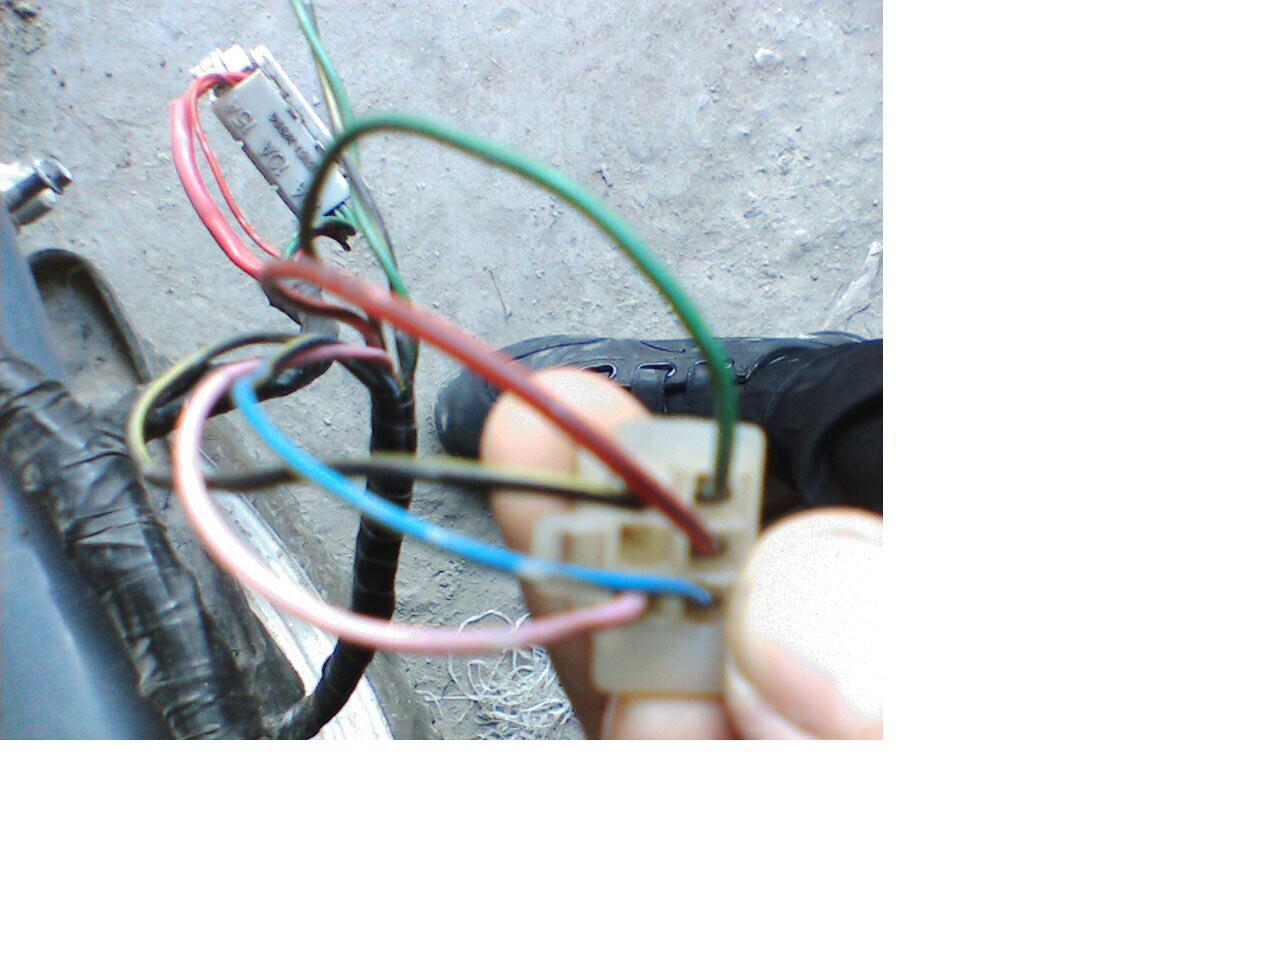 как подключить коммутатор гольф 2 перепутаны провода